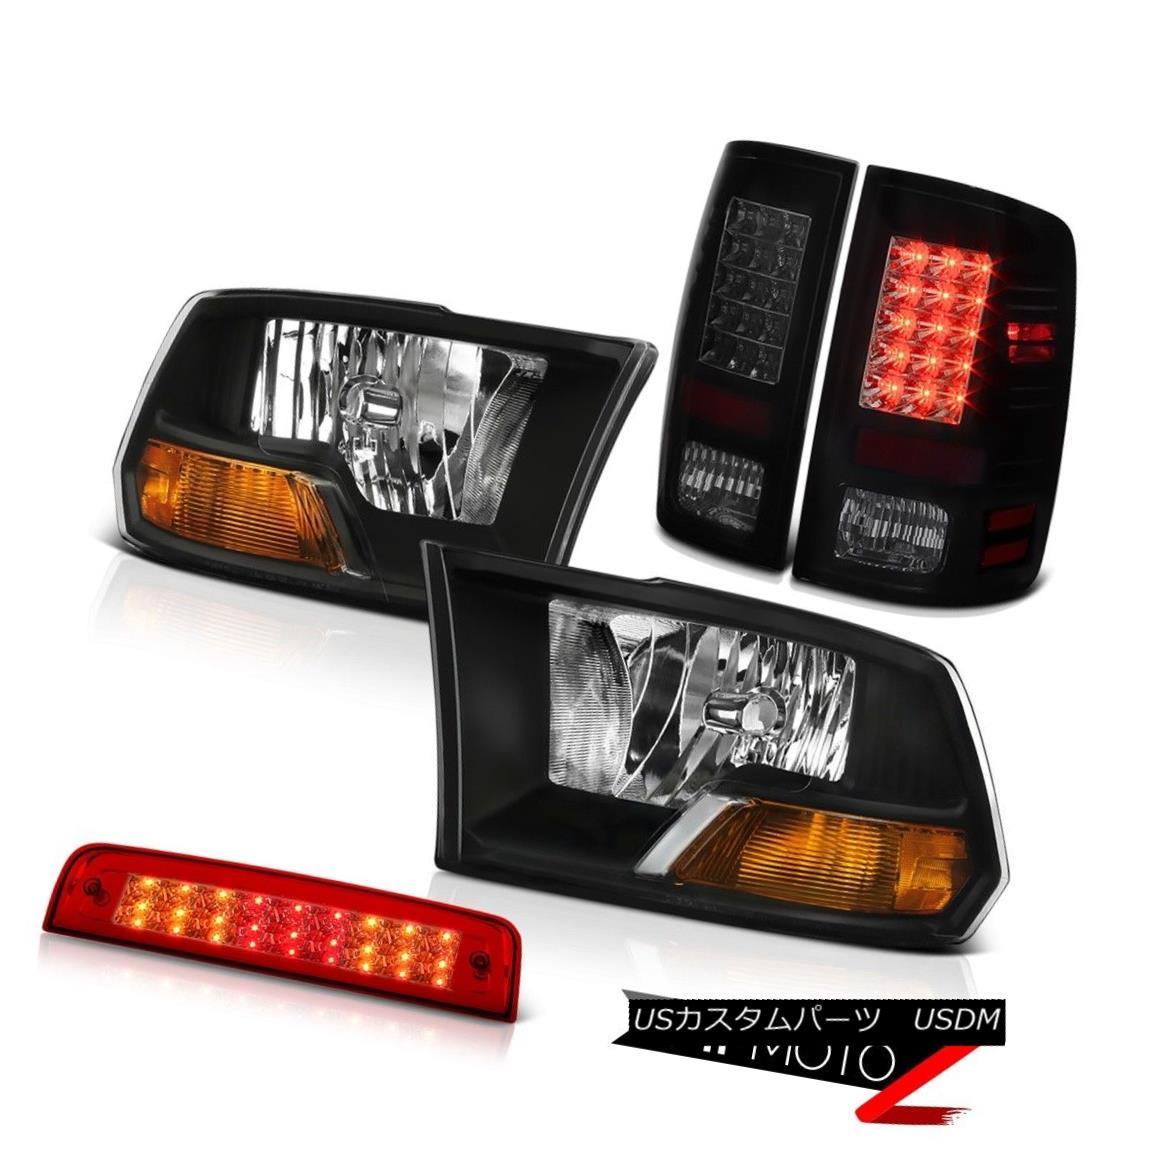 テールライト 09-18 Ram 1500 6.7L Roof Brake Lamp Parking Lights Black Headlights SMD Oe STyle 09-18ラム1500 6.7LルーフブレーキランプパーキングライトブラックヘッドライトSMD Oe STyle